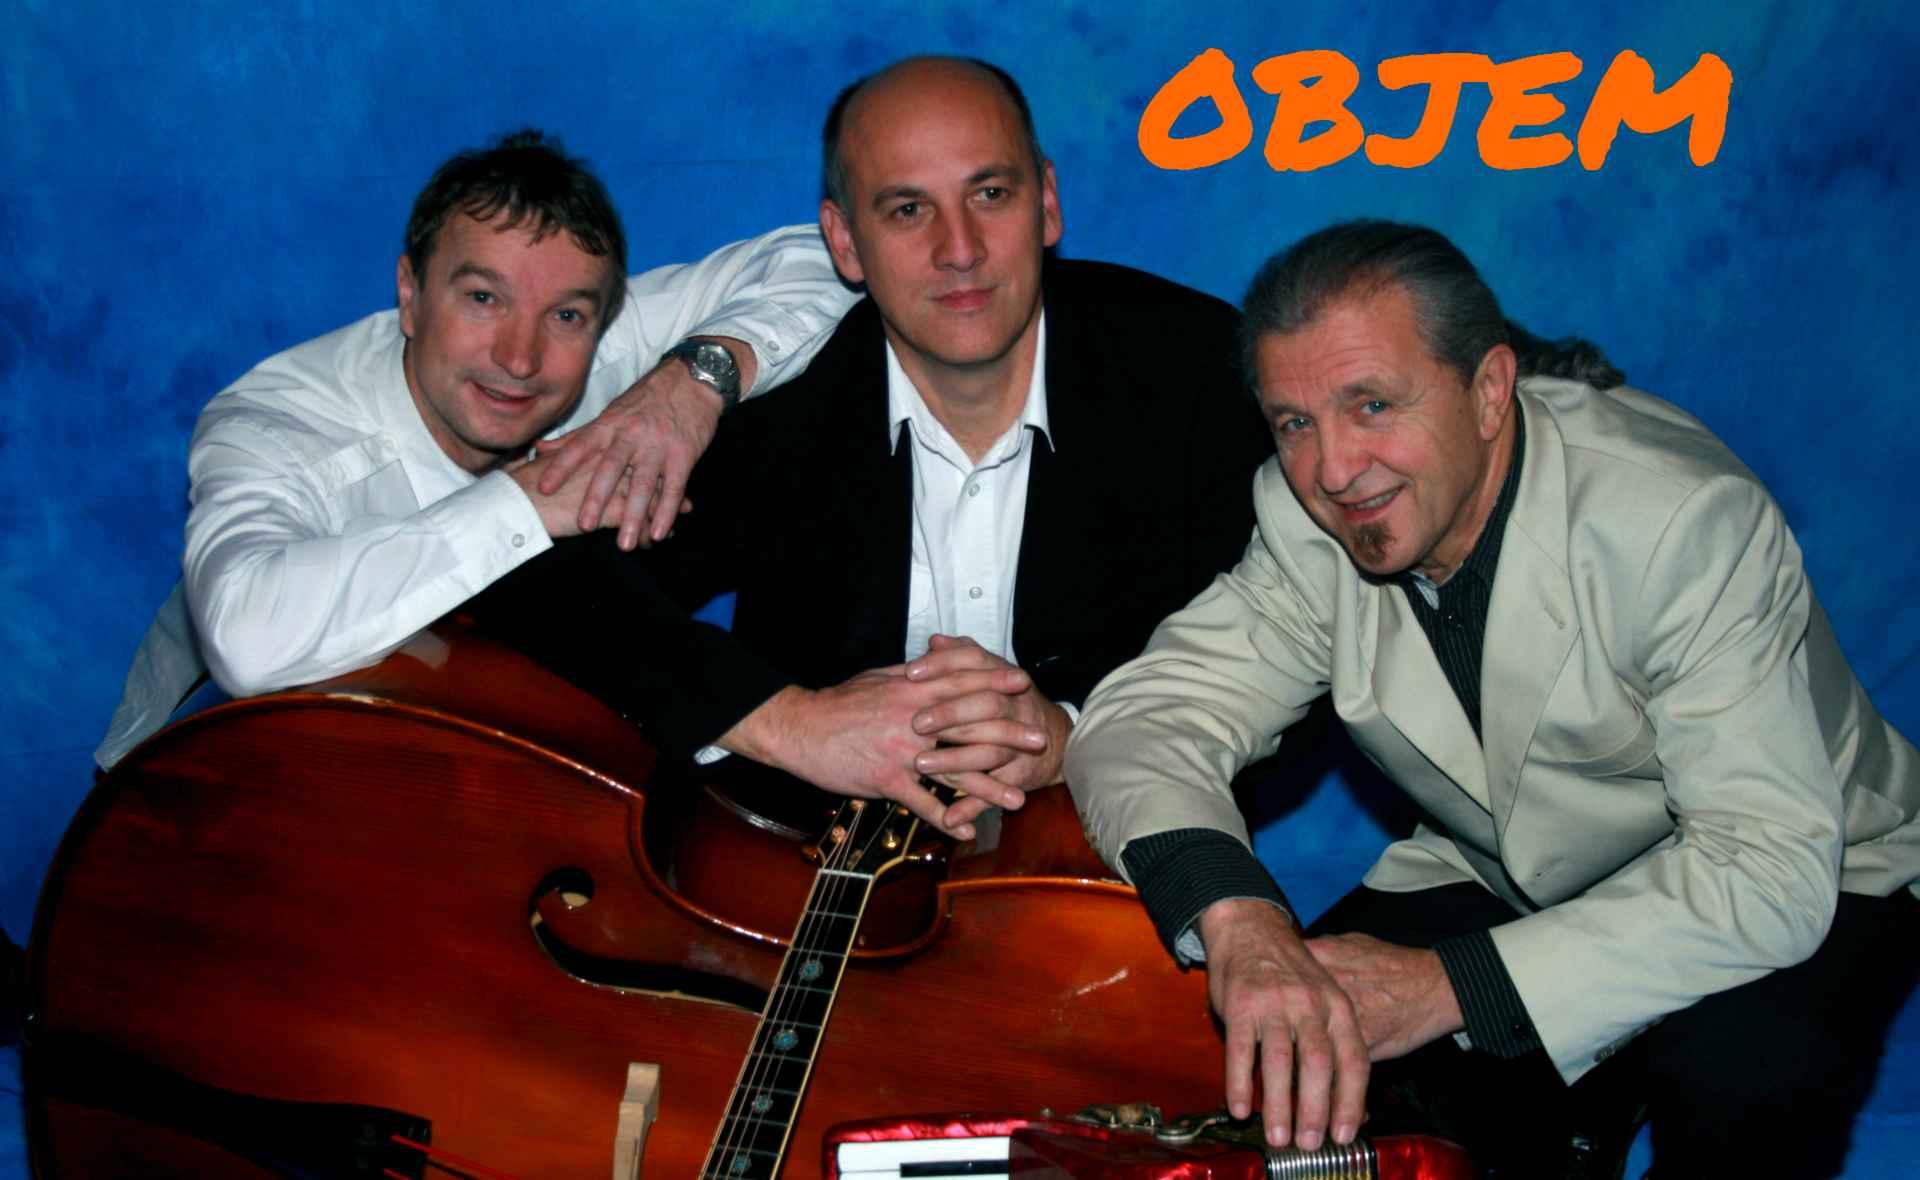 Zagorske pesmi popevke mix glasbeniki skupina ansambel muzikanti band OBJEM